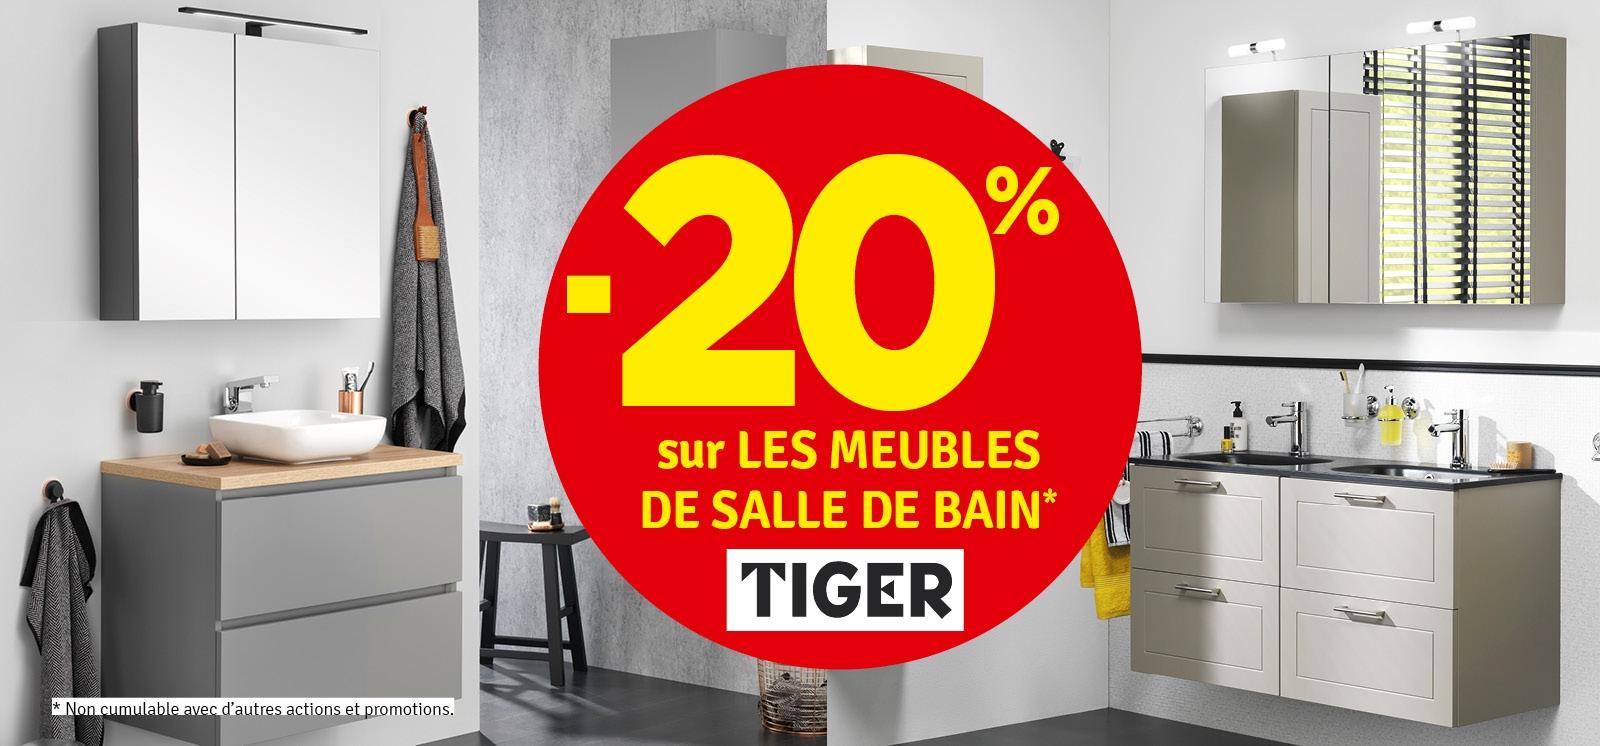 Promo - -20% sur les meubles de salle de bains TIGER